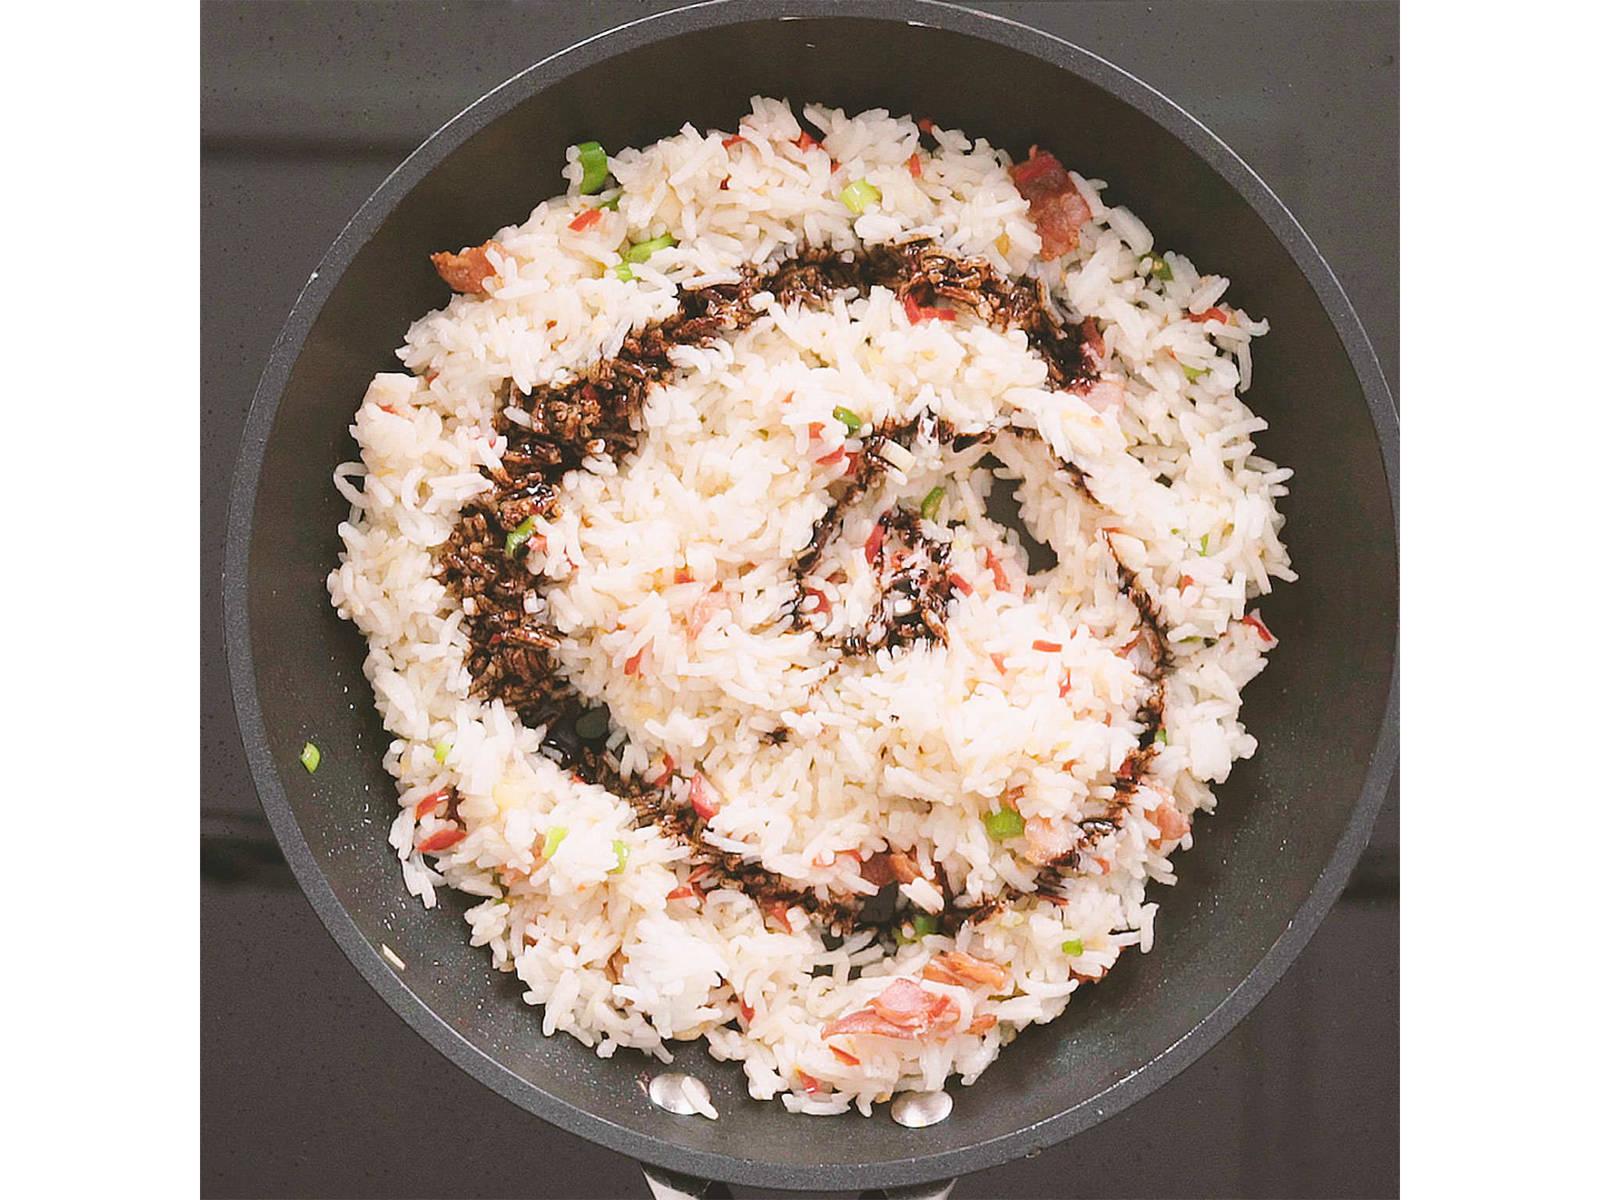 Reis hinzufügen und für ca. 2 Min. anbraten. Danach die Sojasoße hinzugeben und gut vermengen. Sobald der Reis anfängt braun und knusprig zu werden, Eier in die Pfanne geben und gut mit den anderen Zutaten vermengen. Mit Salz abschmecken.